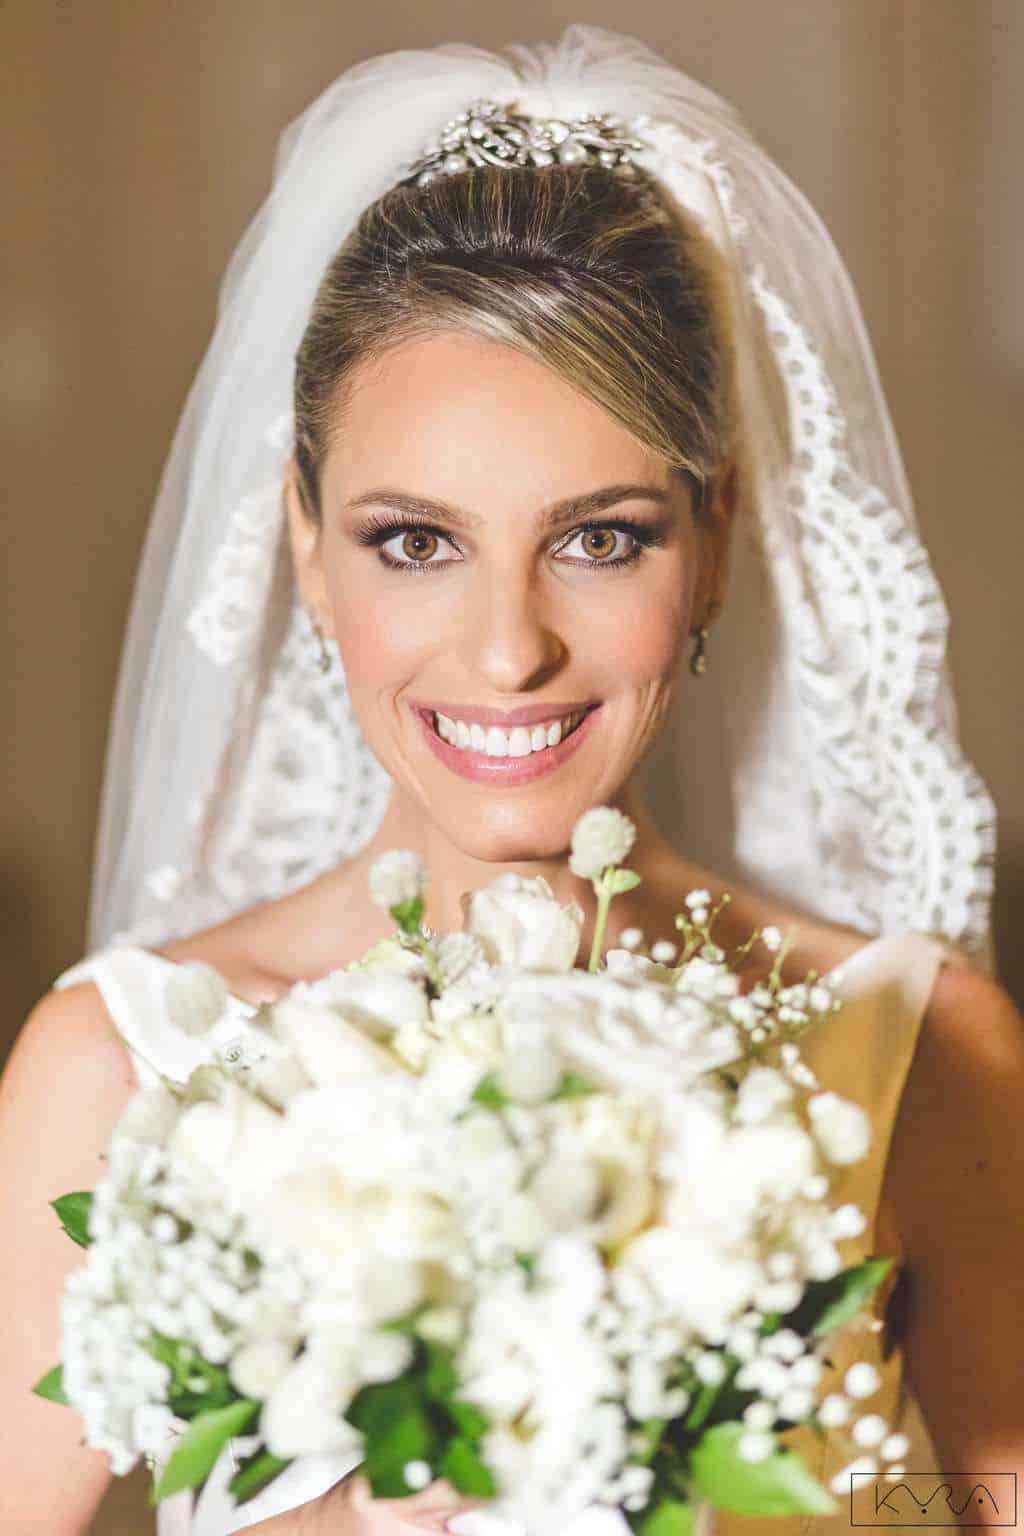 ana-carolina-e-bernardo-Anna-Carolina-Werneck-beleza-da-noiva-casamento-tradicional-Gavea-Golf-Club-Kyra-Mirsky-making-of-mini-wedding-noiva-verde-e-rosa-casamento-44-1